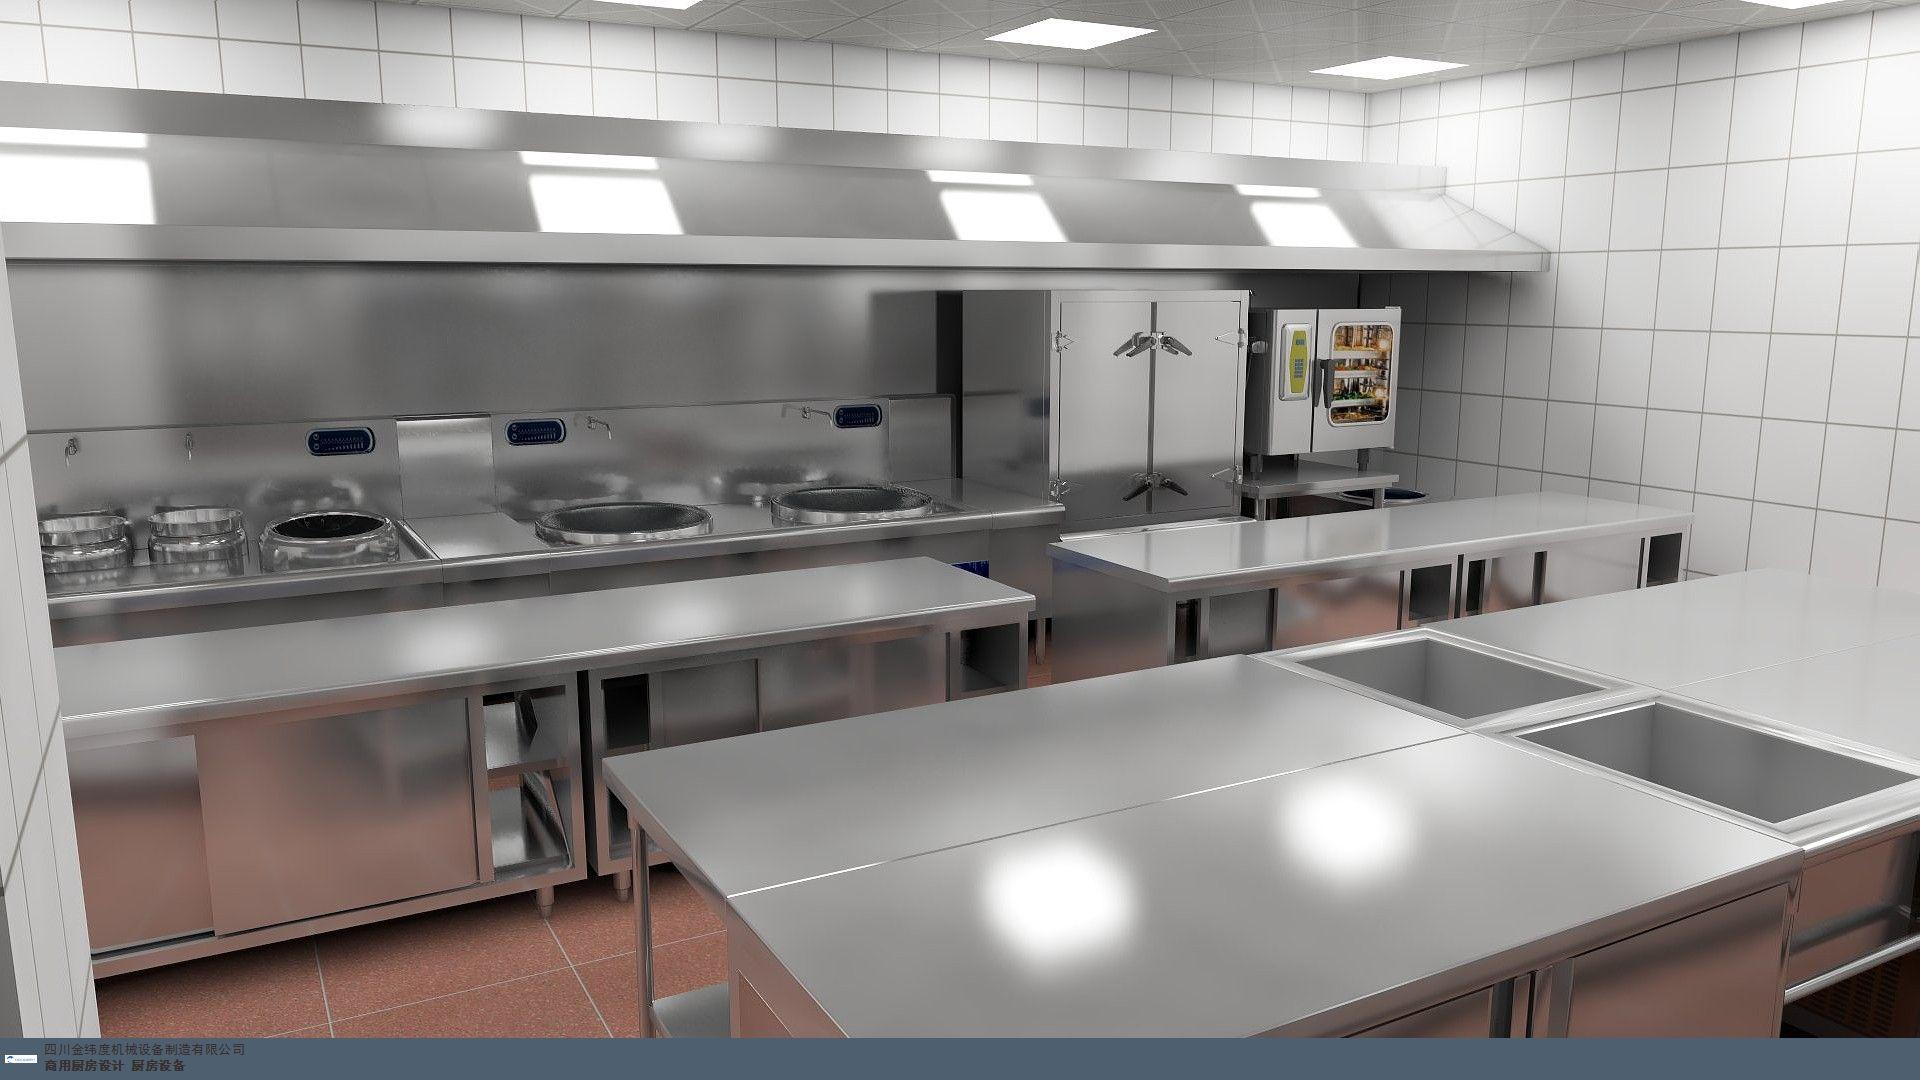 饭馆厨房设备操纵的处置规则